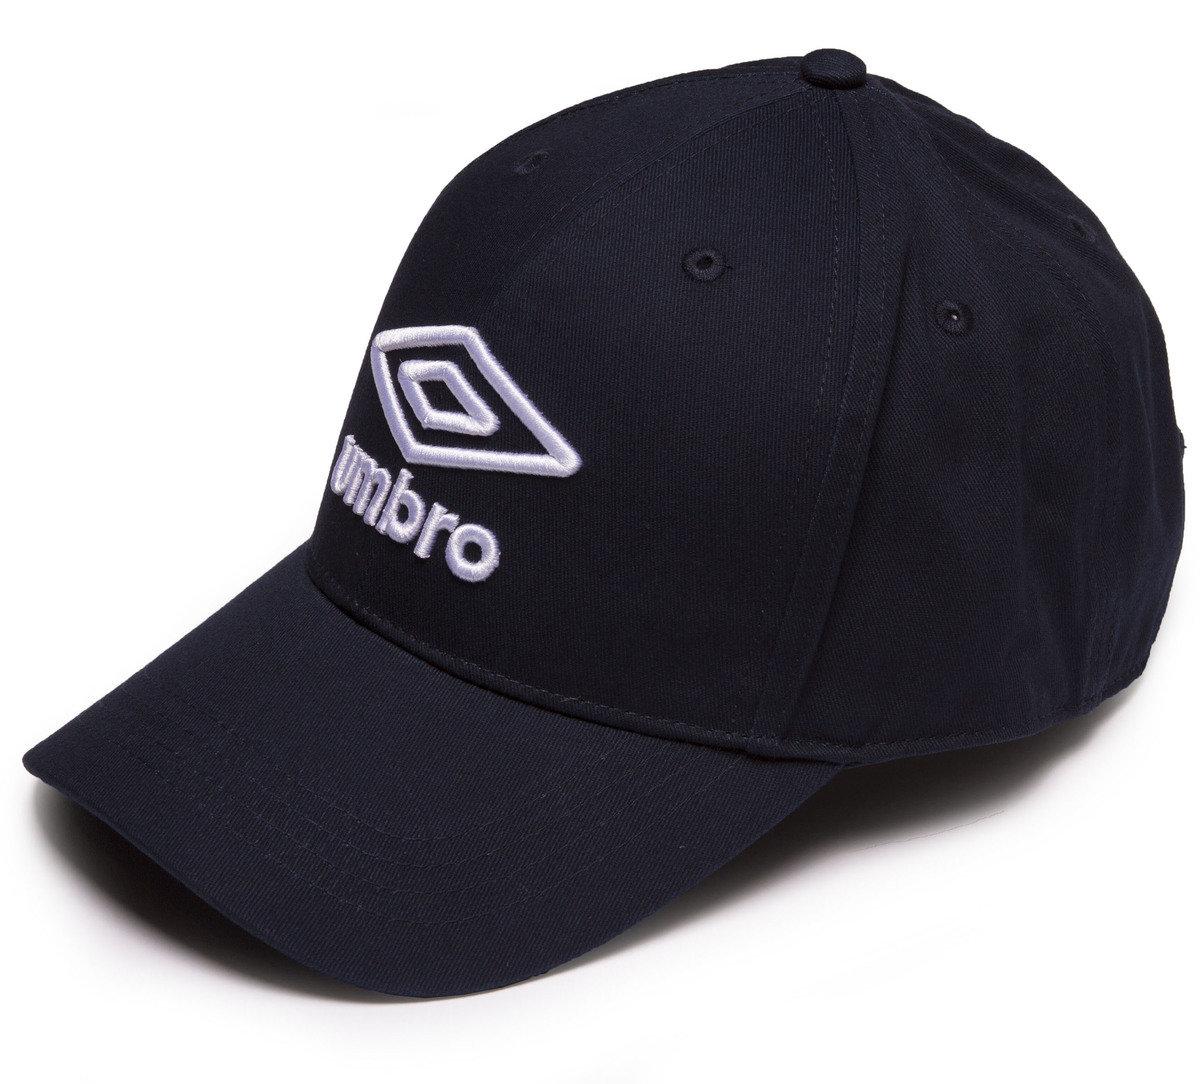 a43e74298 LOGO CAP - Hats - Umbro